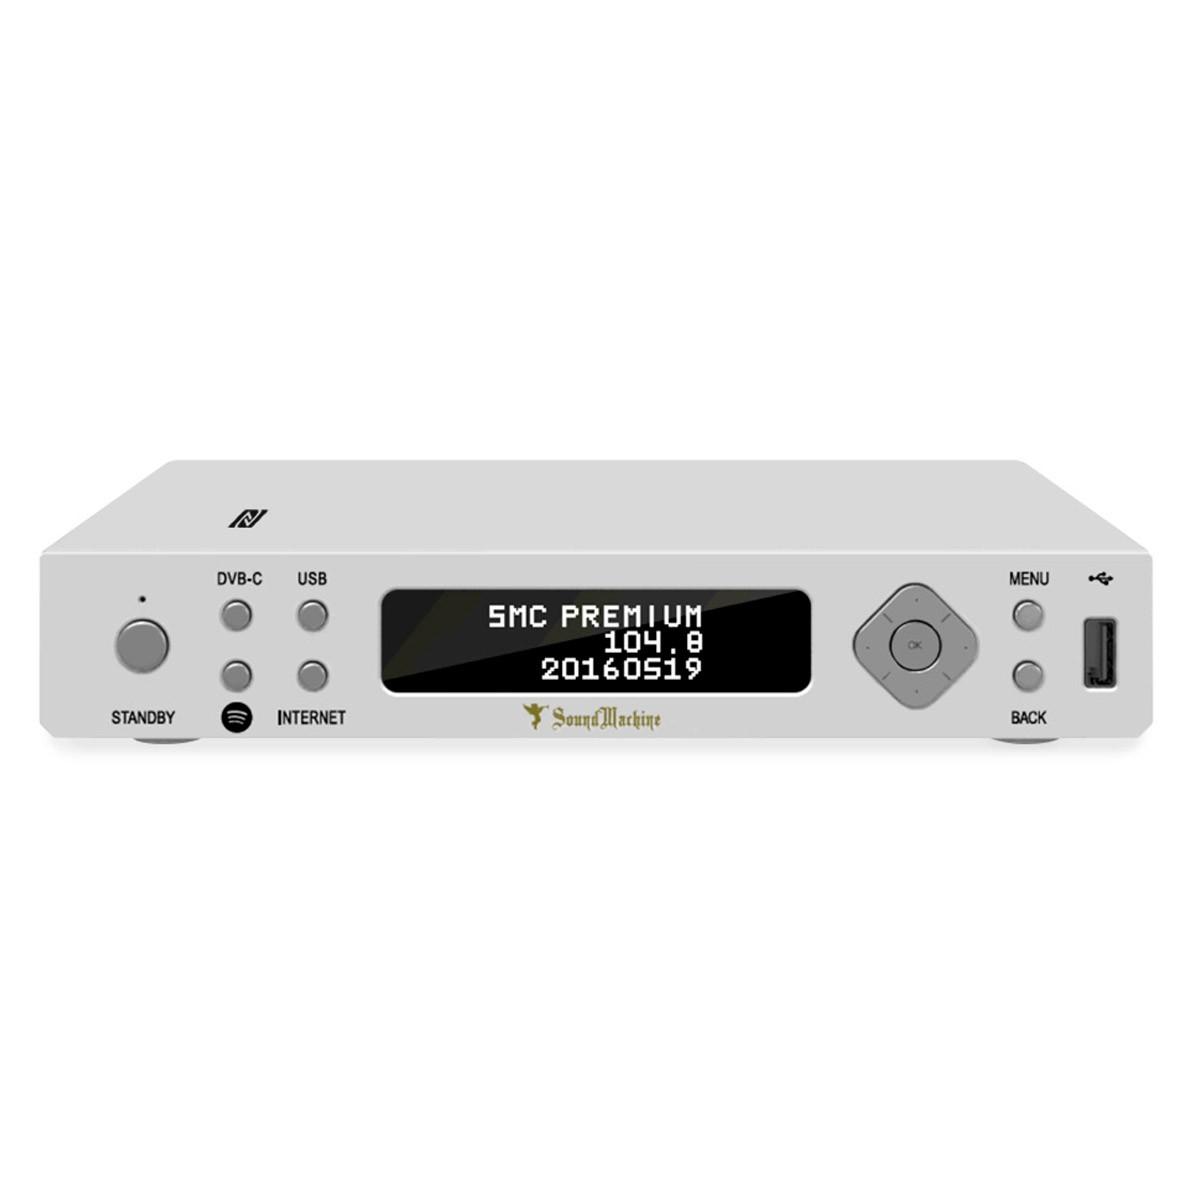 SMC-1030 Lecteur Réseau Audio WiFi Bluetooth DLNA UPnP DAB+ FM